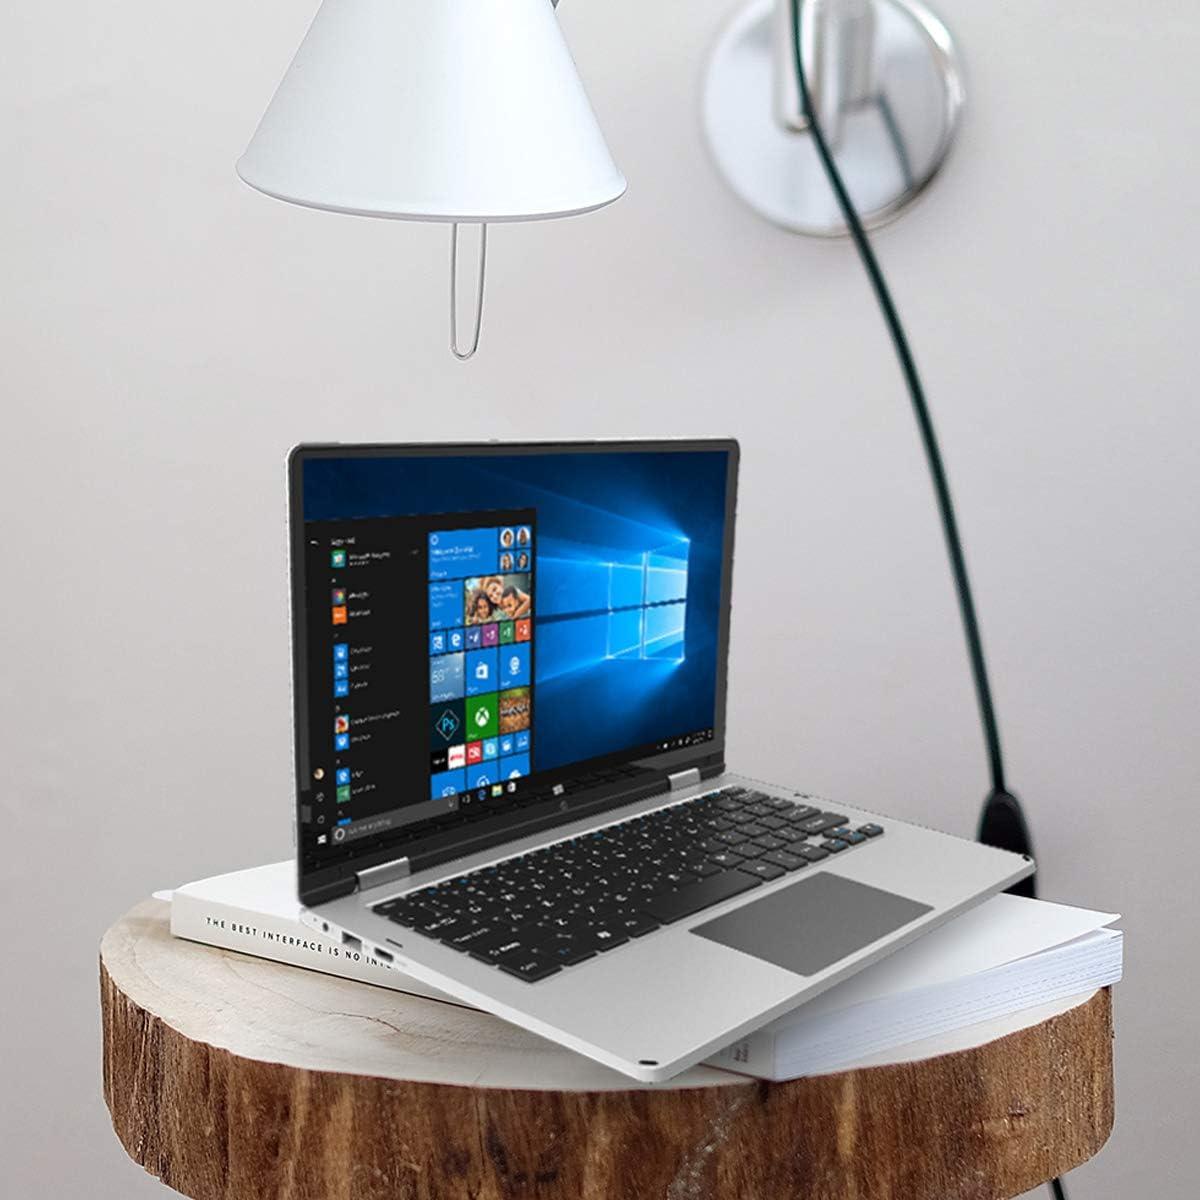 PRIXTON Flex Pro - Ordenador Portátil con Pantalla Táctil de 116 Pulgadas, Sistema Operativo Profesional Windows 10 Pro, Procesador Intel, 4GB RAM / 64GB, Teclado en Español: Amazon.es: Informática